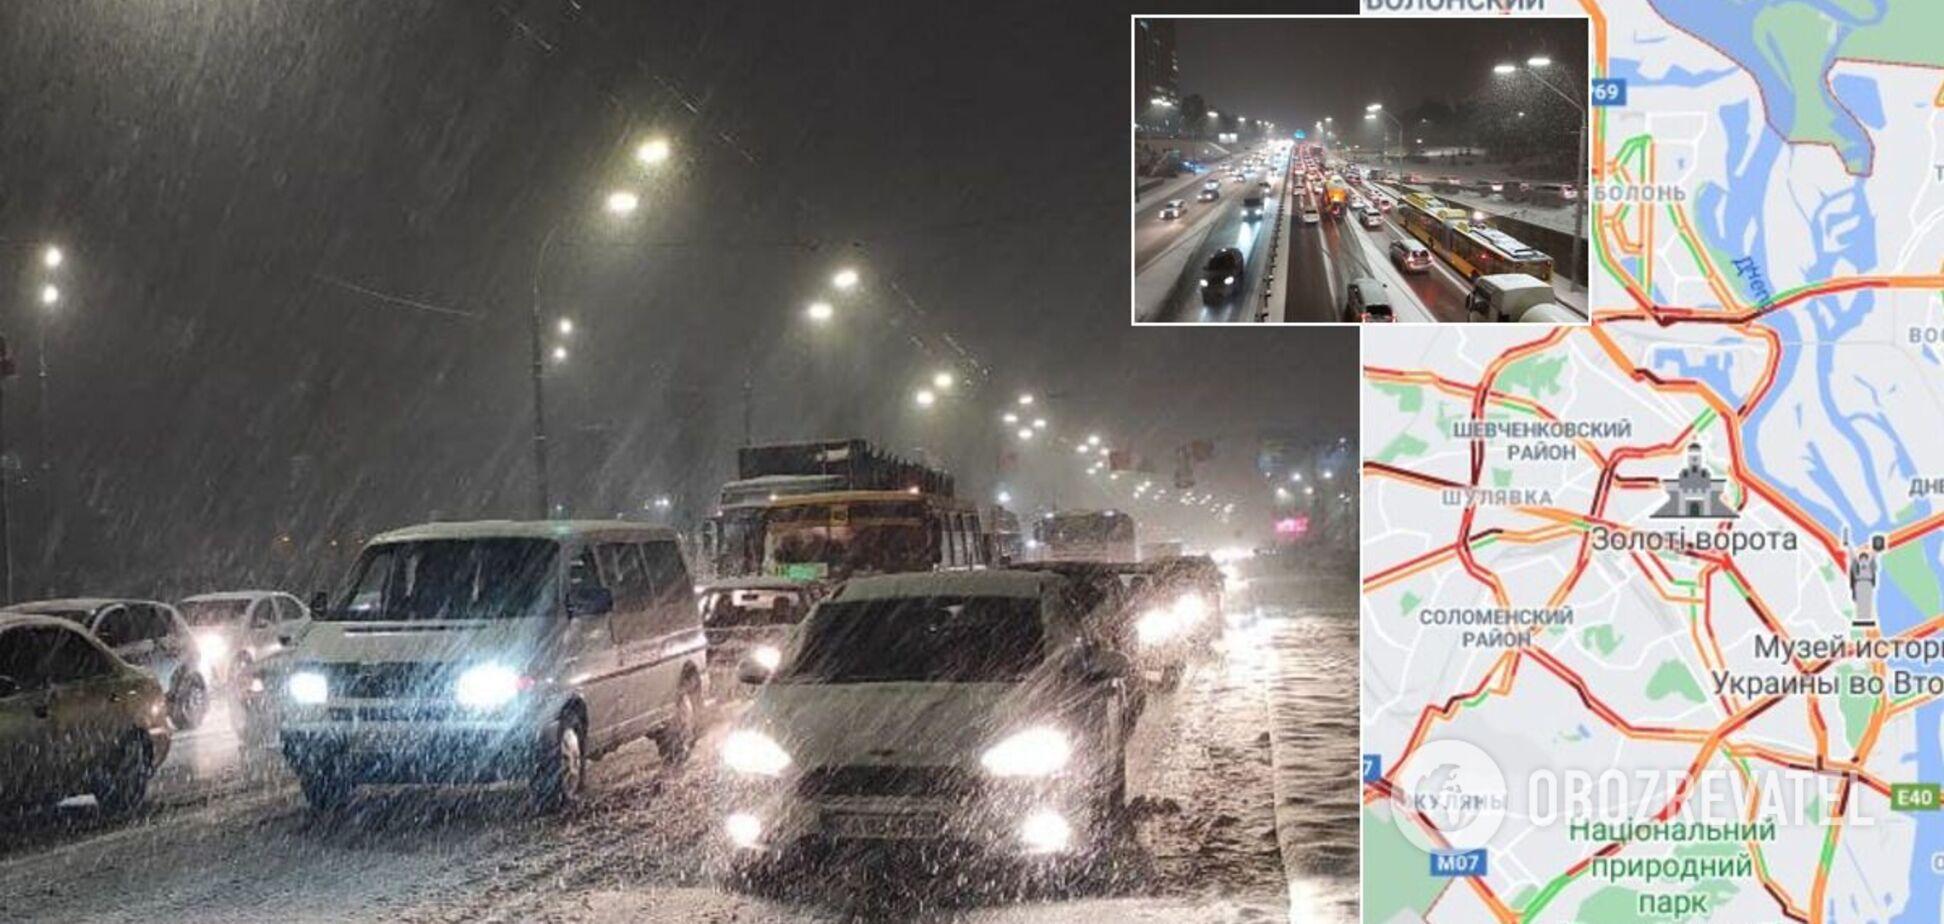 Снегопад парализовал Киев. Фото и видео пробок